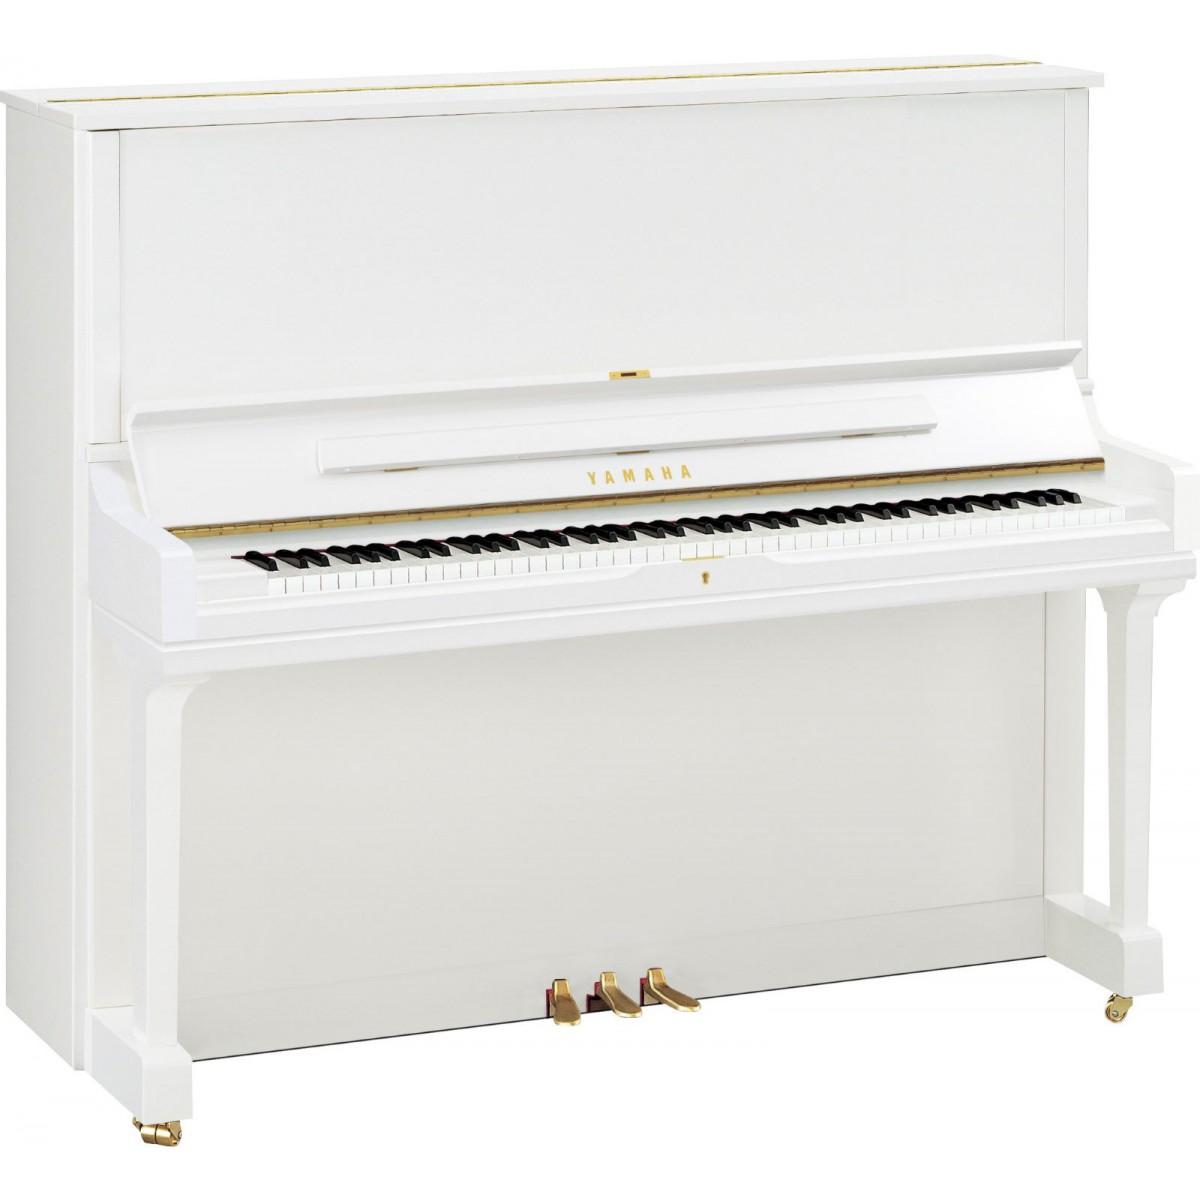 Yamaha Klaviere neu